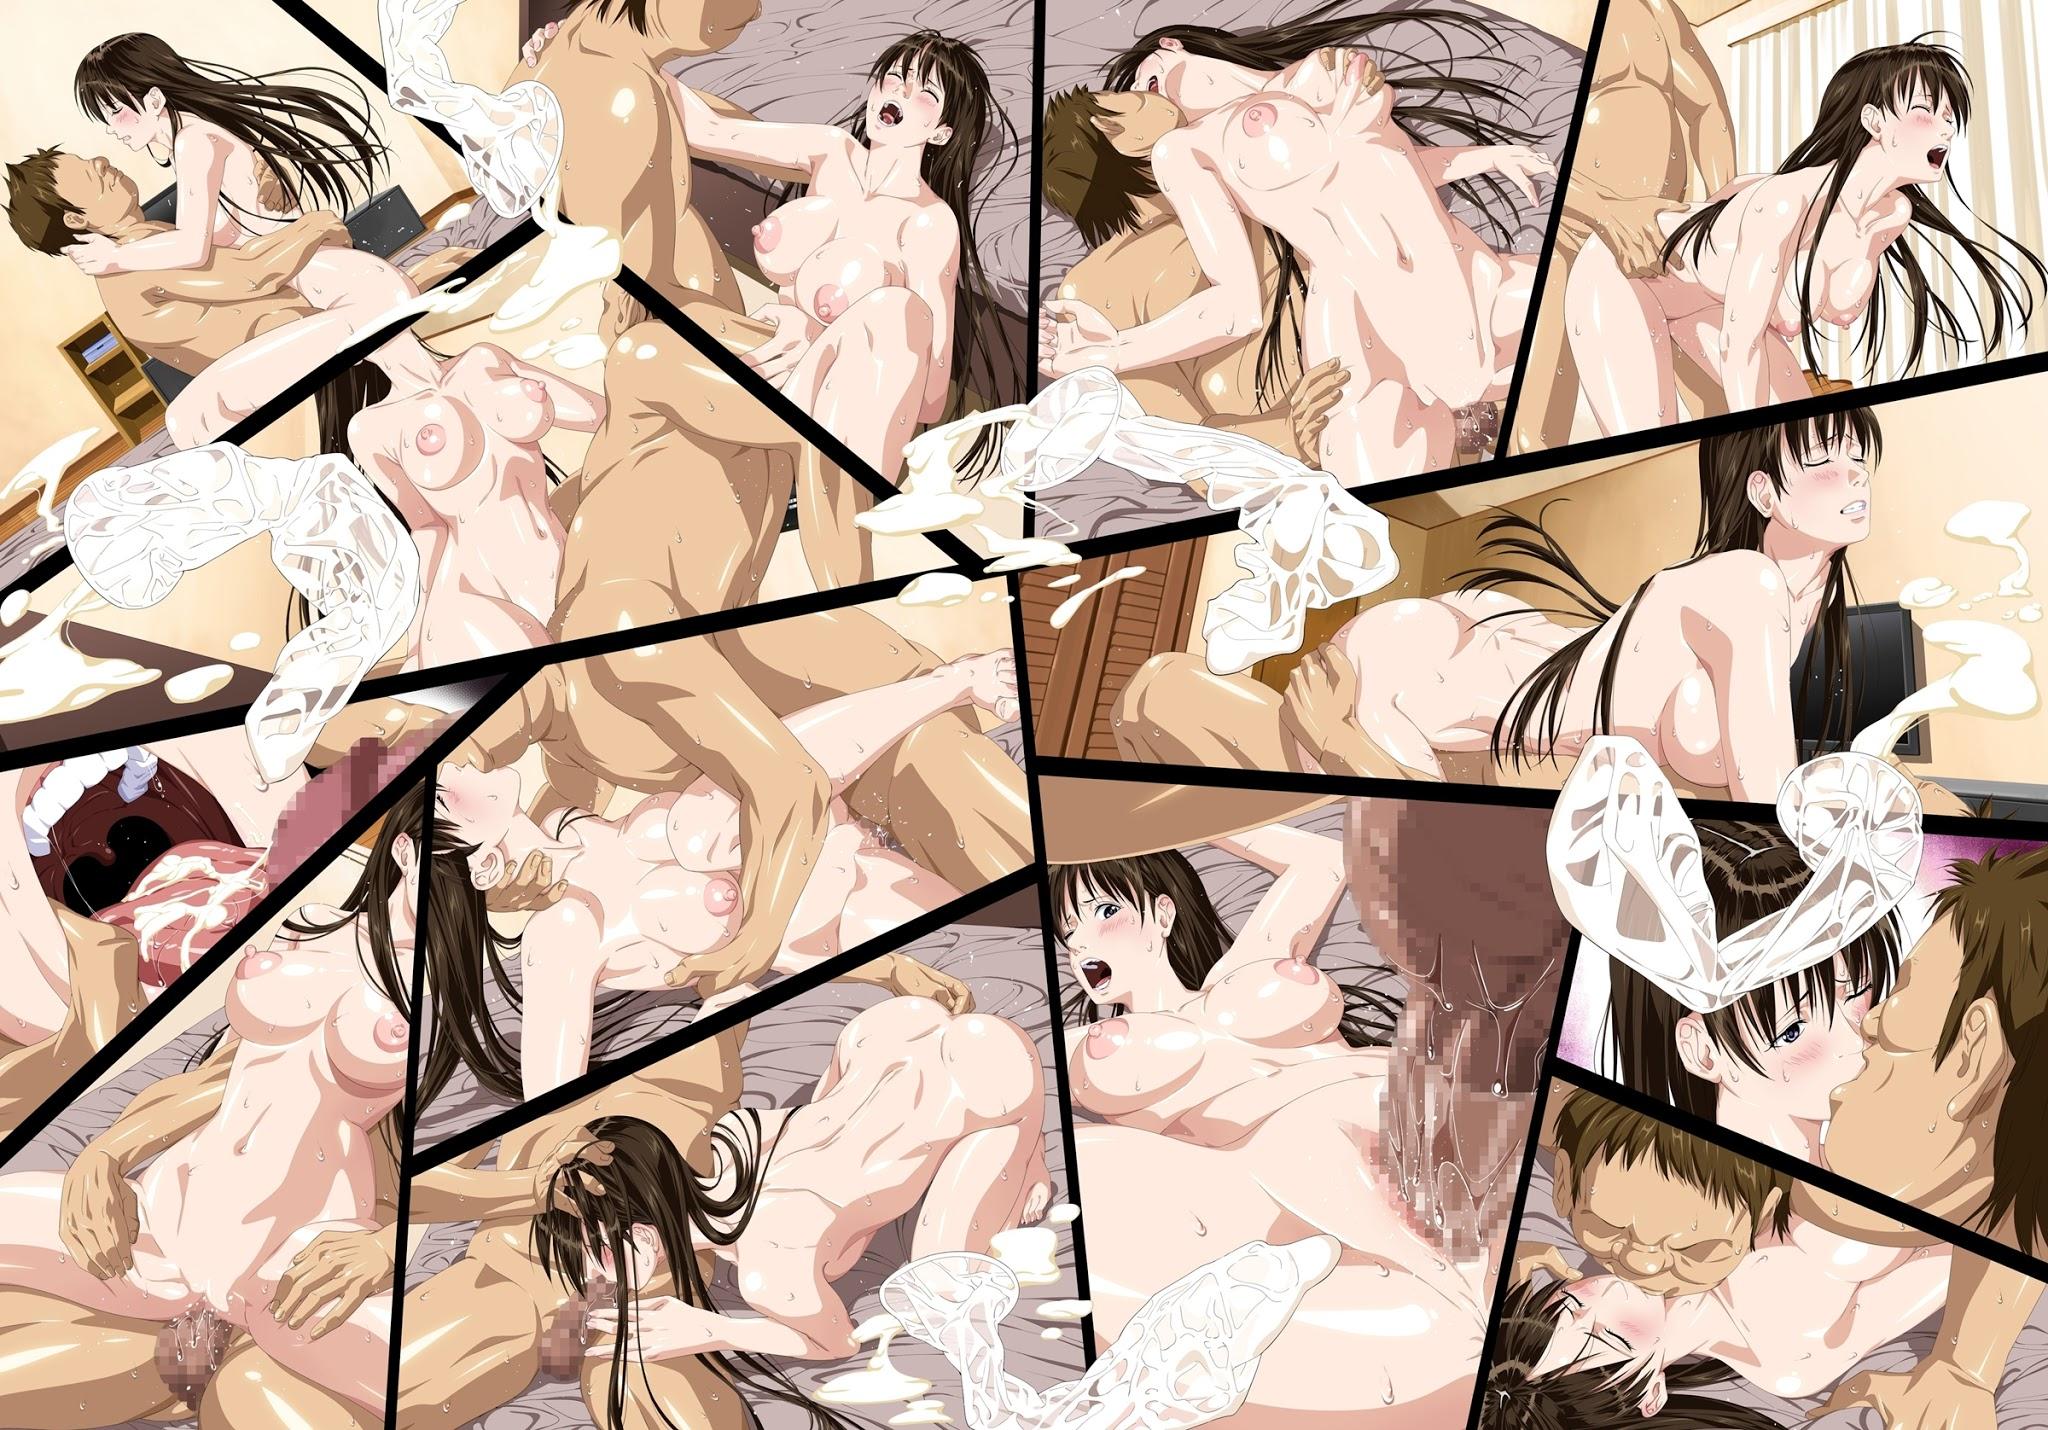 Truyện tranh sex địt em mỹ nhân trường học - Chap 6 - Truyện Hentai